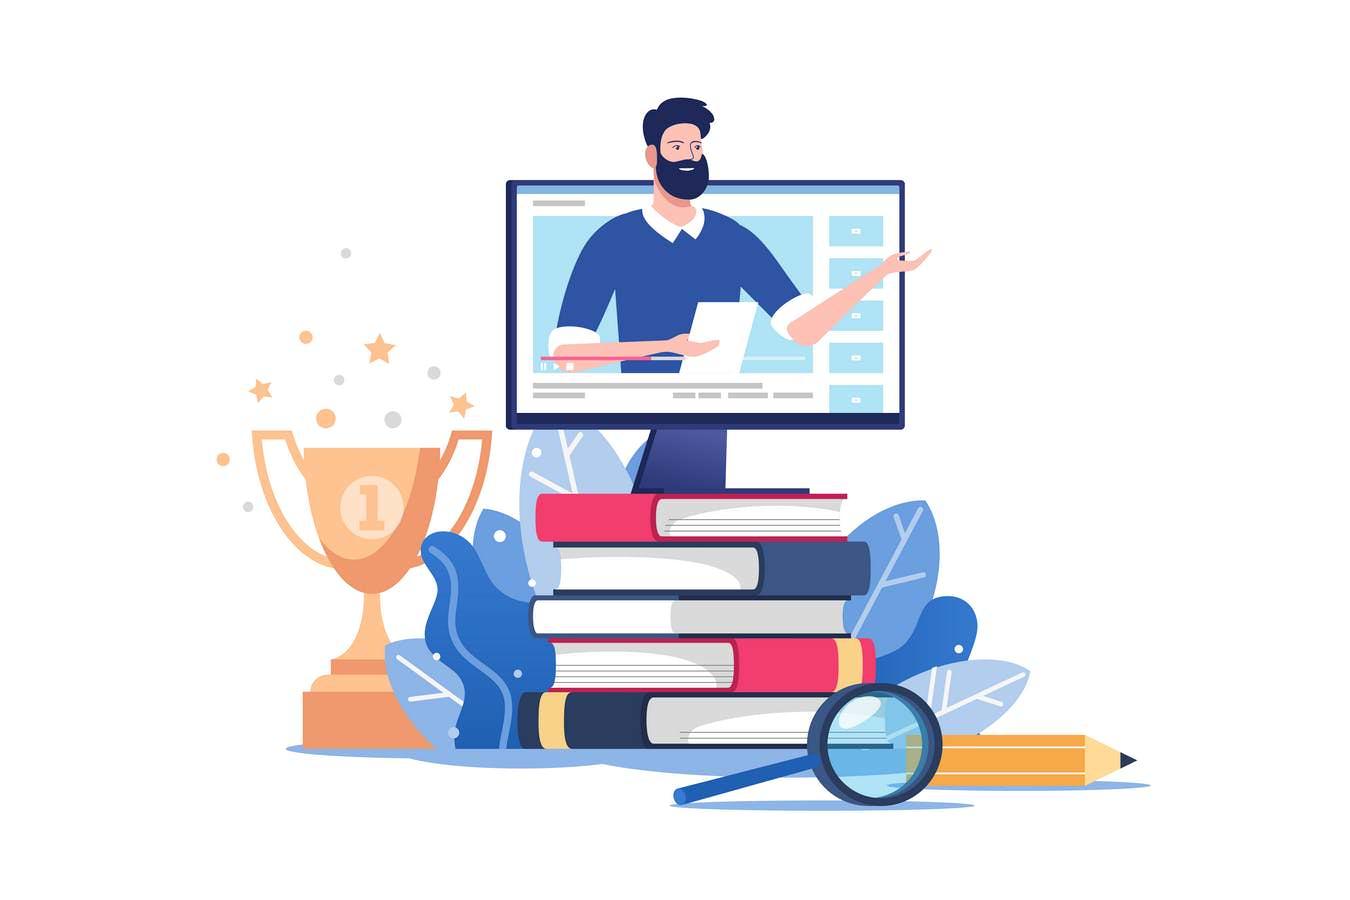 在线教育和培训